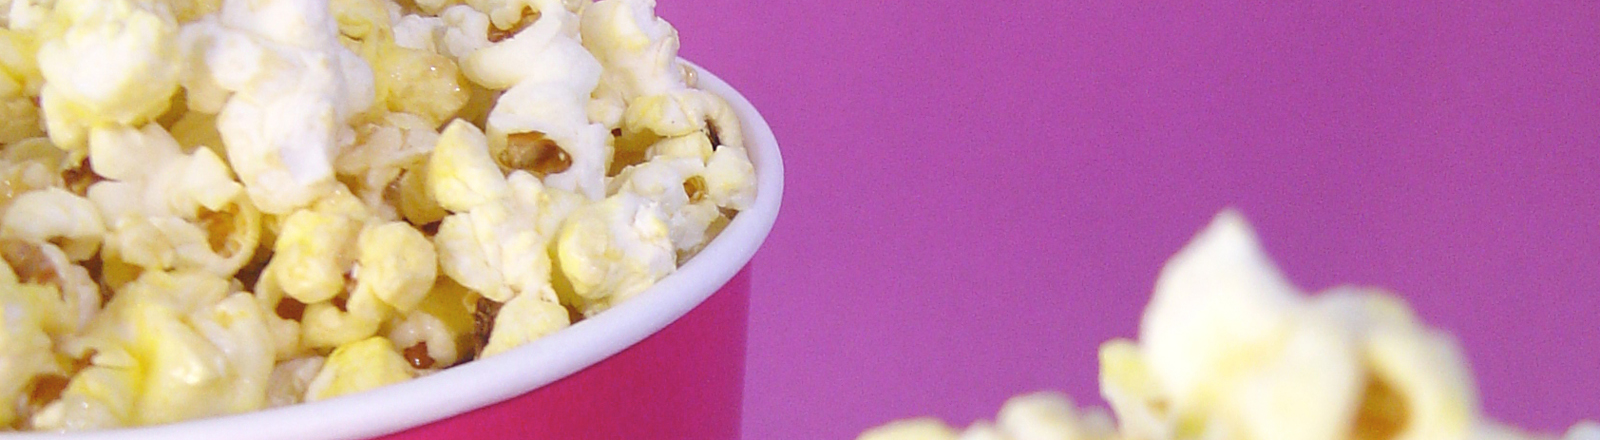 Ein Becher Popcorn